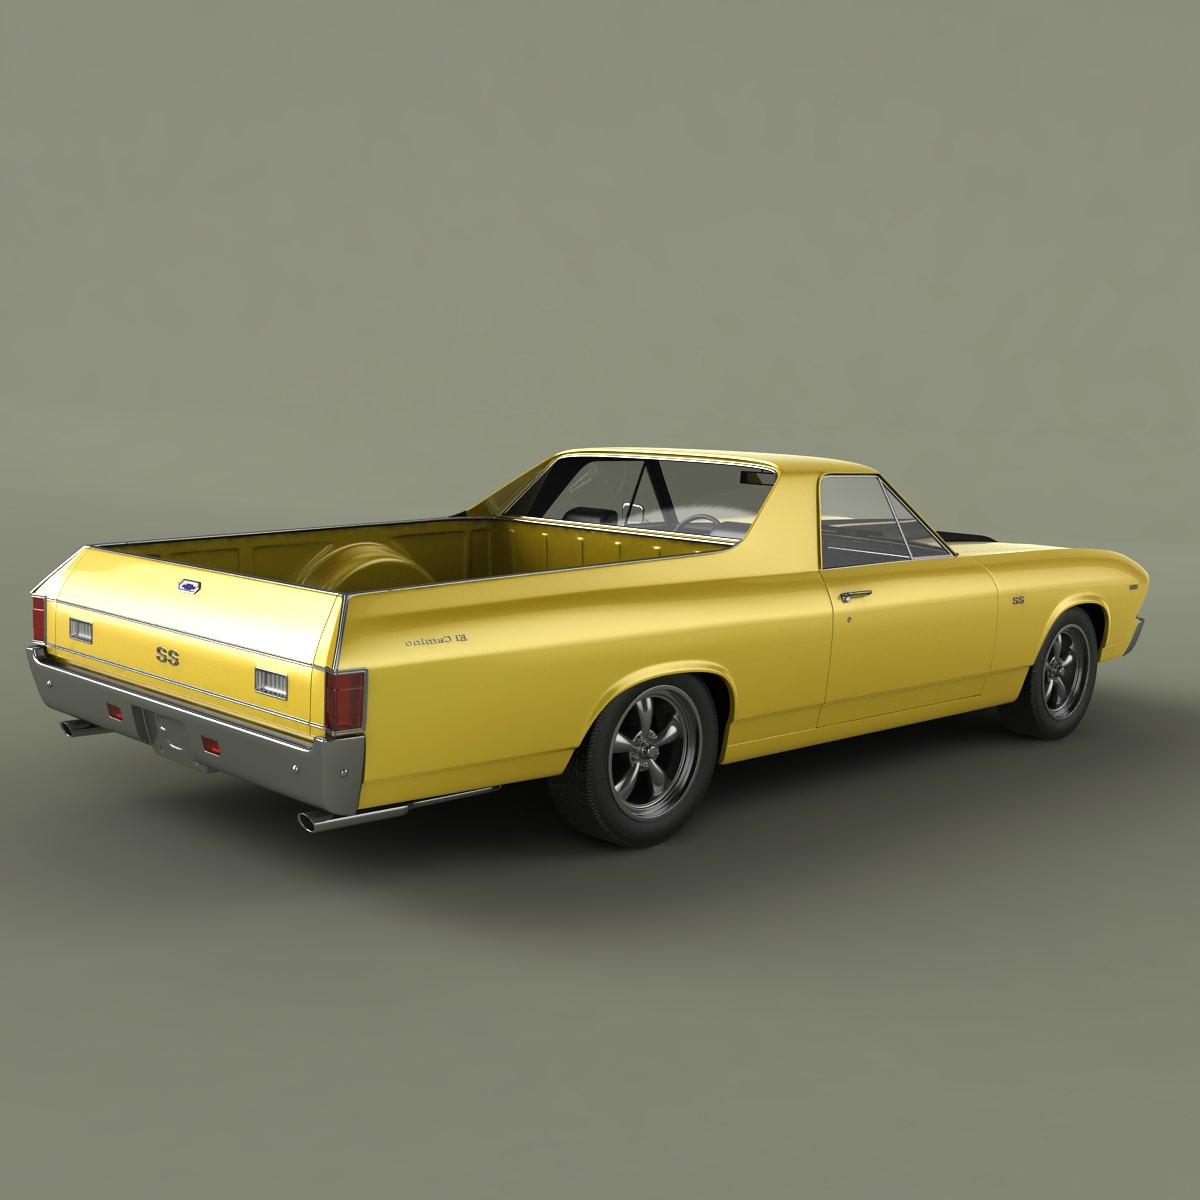 Chevrolet El Camino 1969 3d Model Max Obj 3ds Cgtrader Com